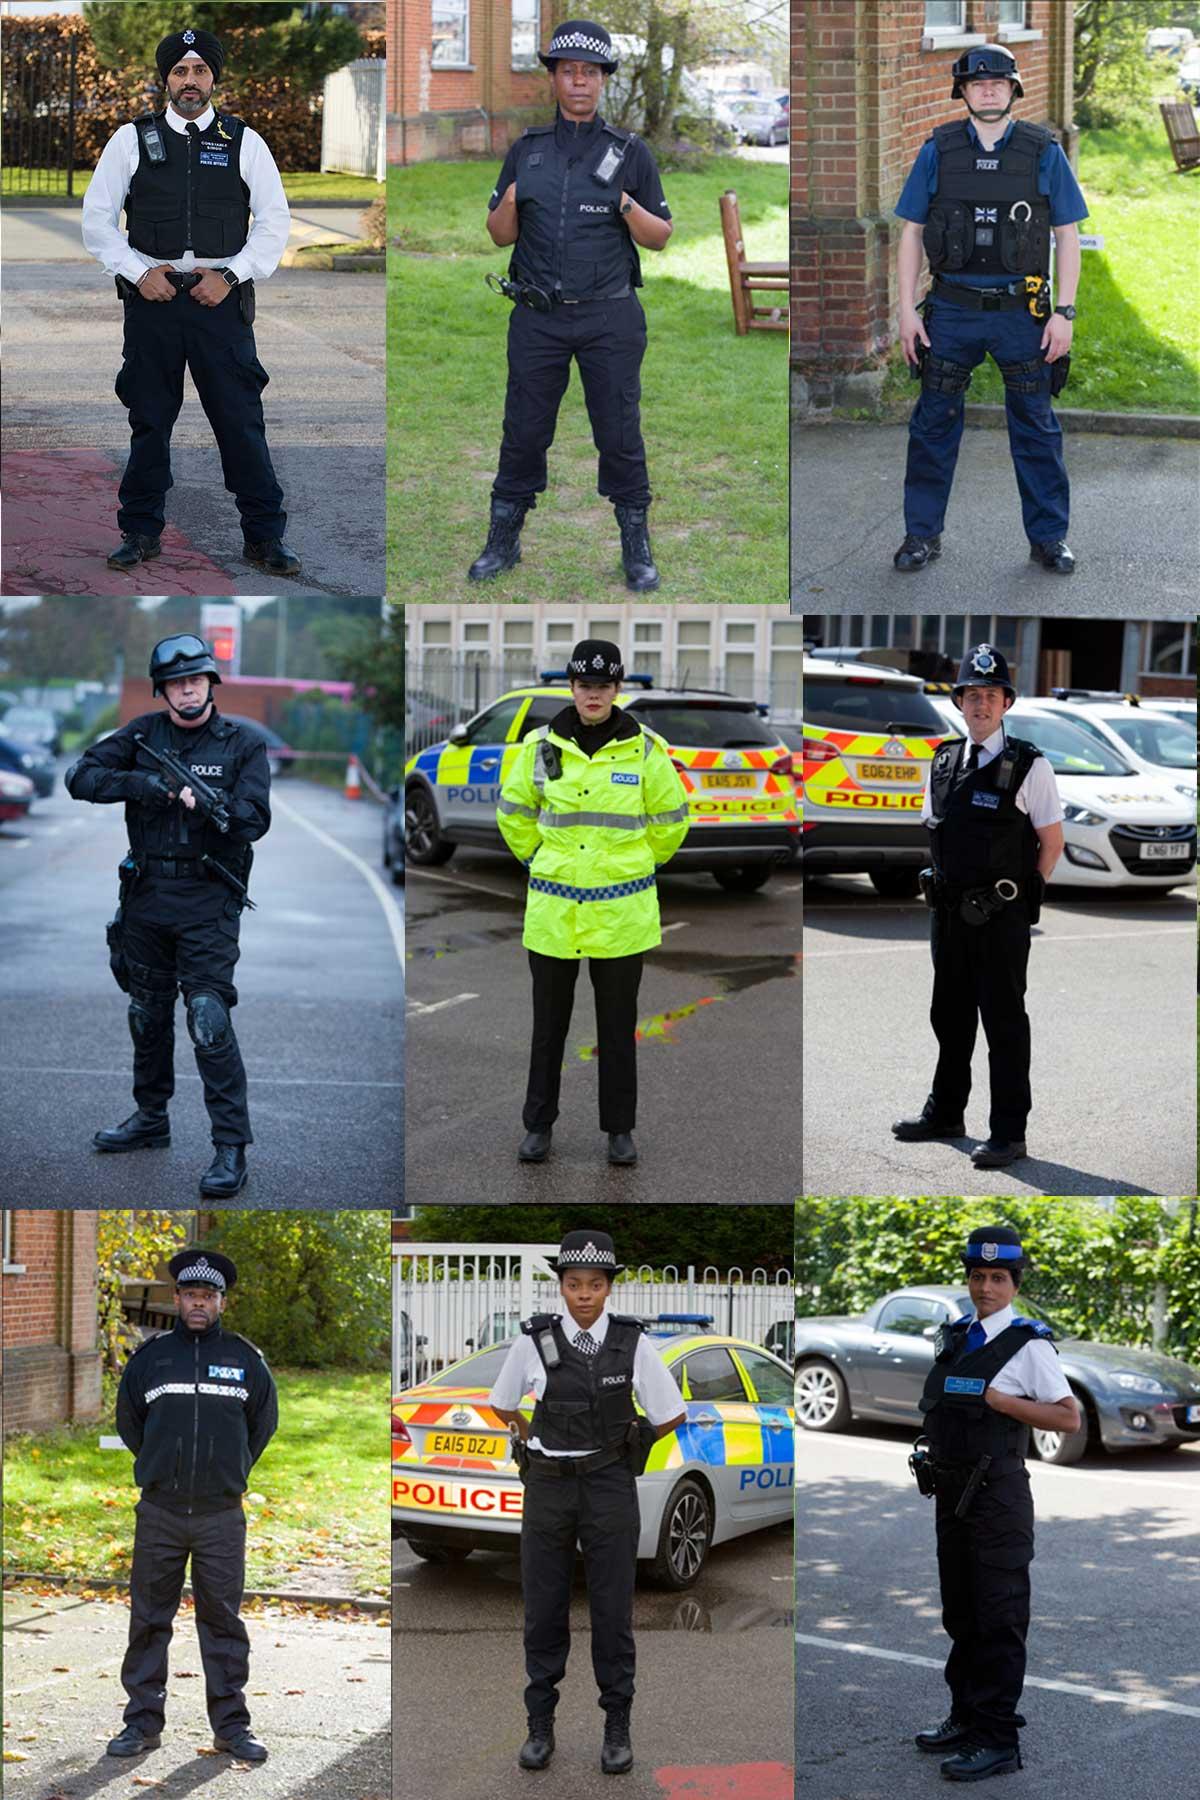 Police-Recruitment-Full-Length-Only-Web-Size.jpg